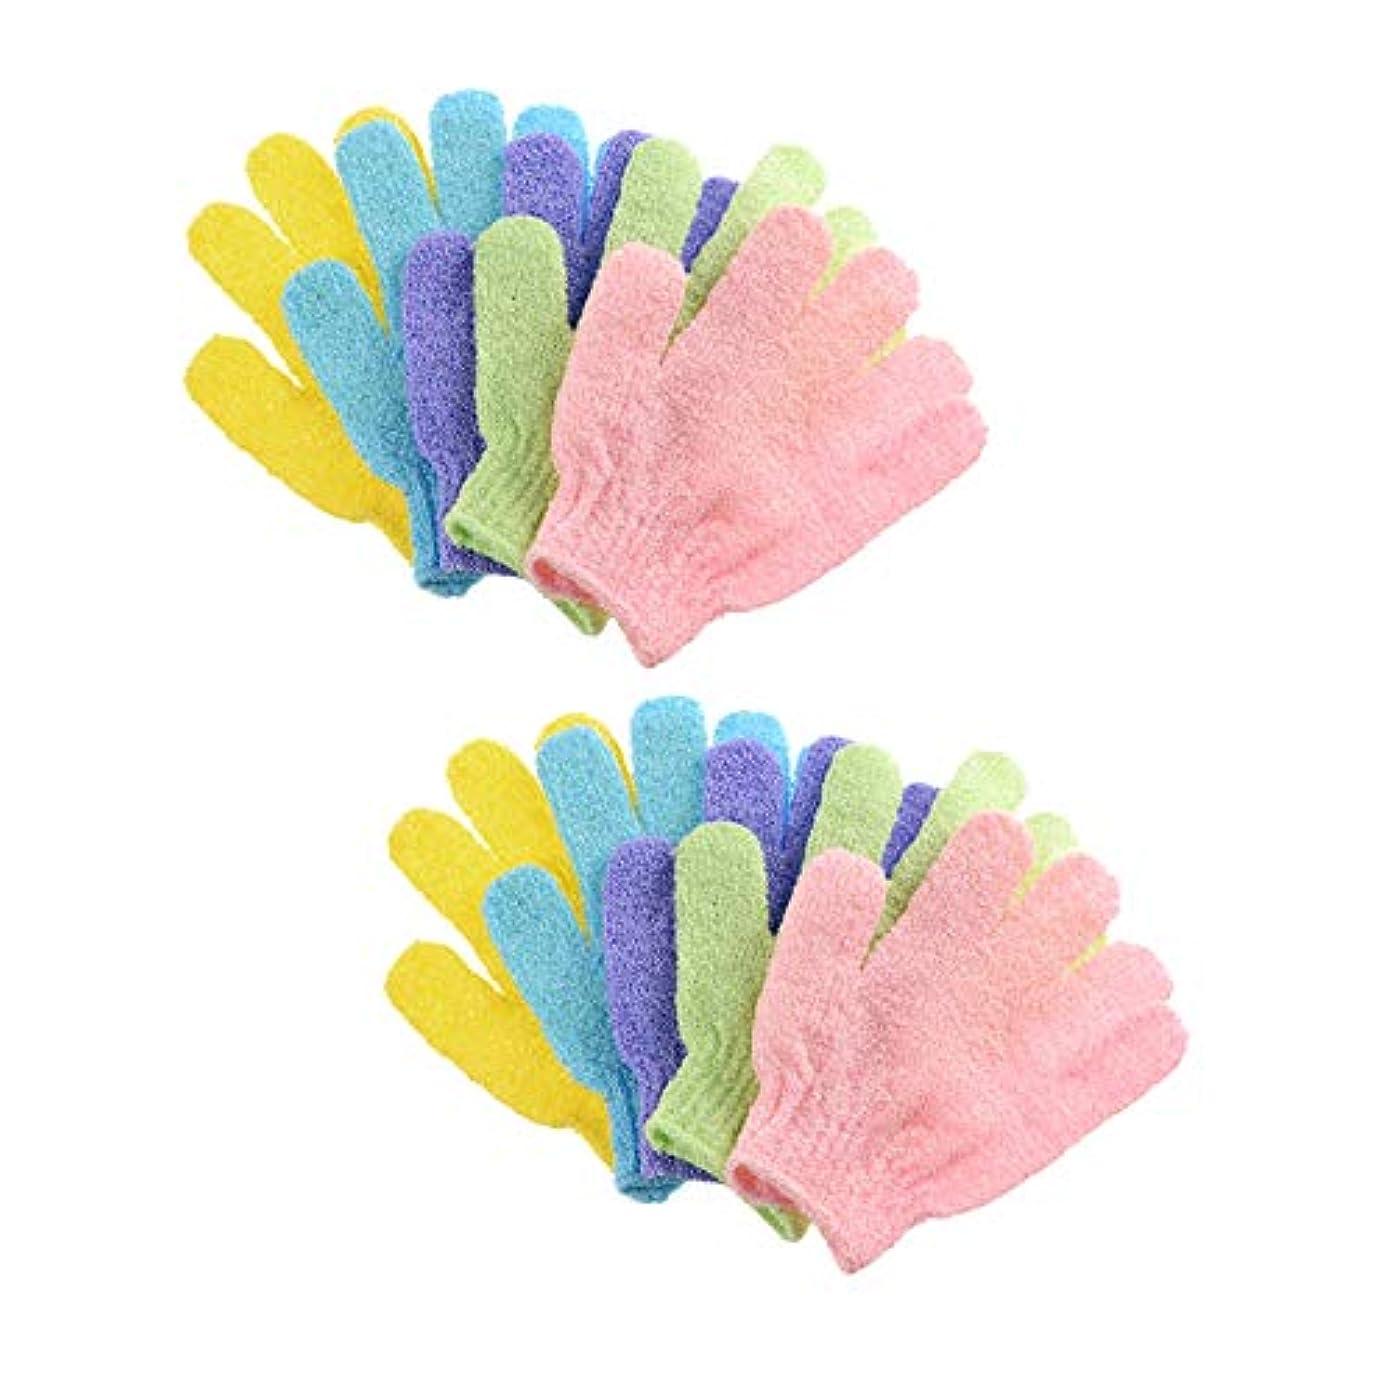 罰するインスタンスカビ浴用手袋 入浴用手袋 お風呂用手袋 5ペア角質除去バスグローブ 抗菌加工 ボディタオル シャワーボディーグローブ 両面スクラブバスグローブボディスクラブエクスフォリエーター用 男女兼用